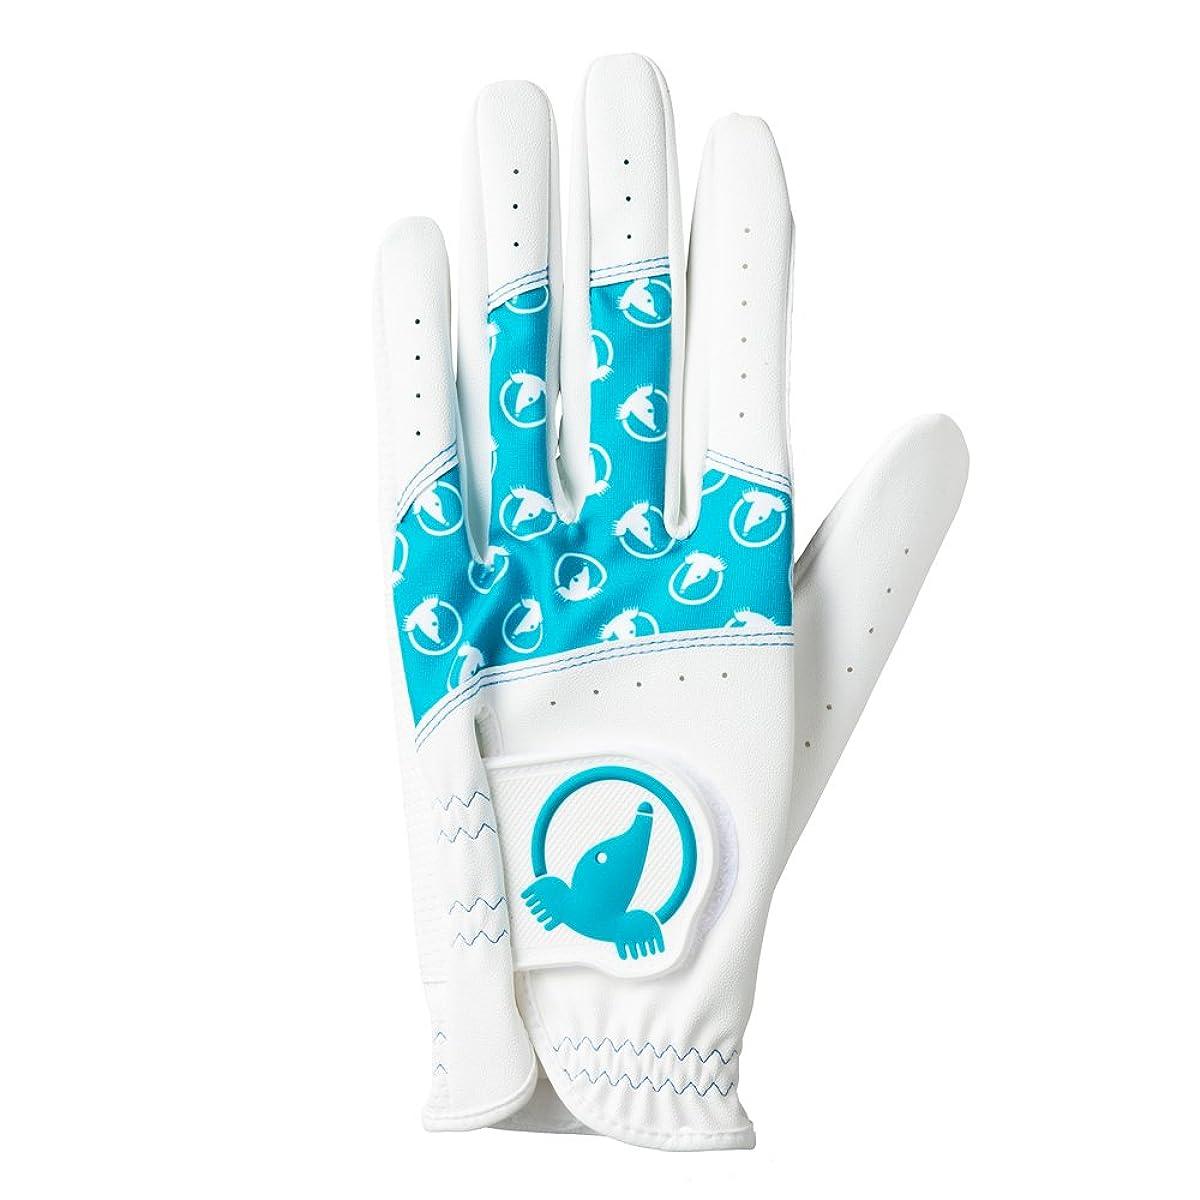 [해외] 혼마 골프 골프 글러브 HONMA 레이디스 글러브 왼손용 화이트/터쿼이즈(Turquoise)부루 18CM 컬러풀 두더지 레이디스 GC-6701 화이트